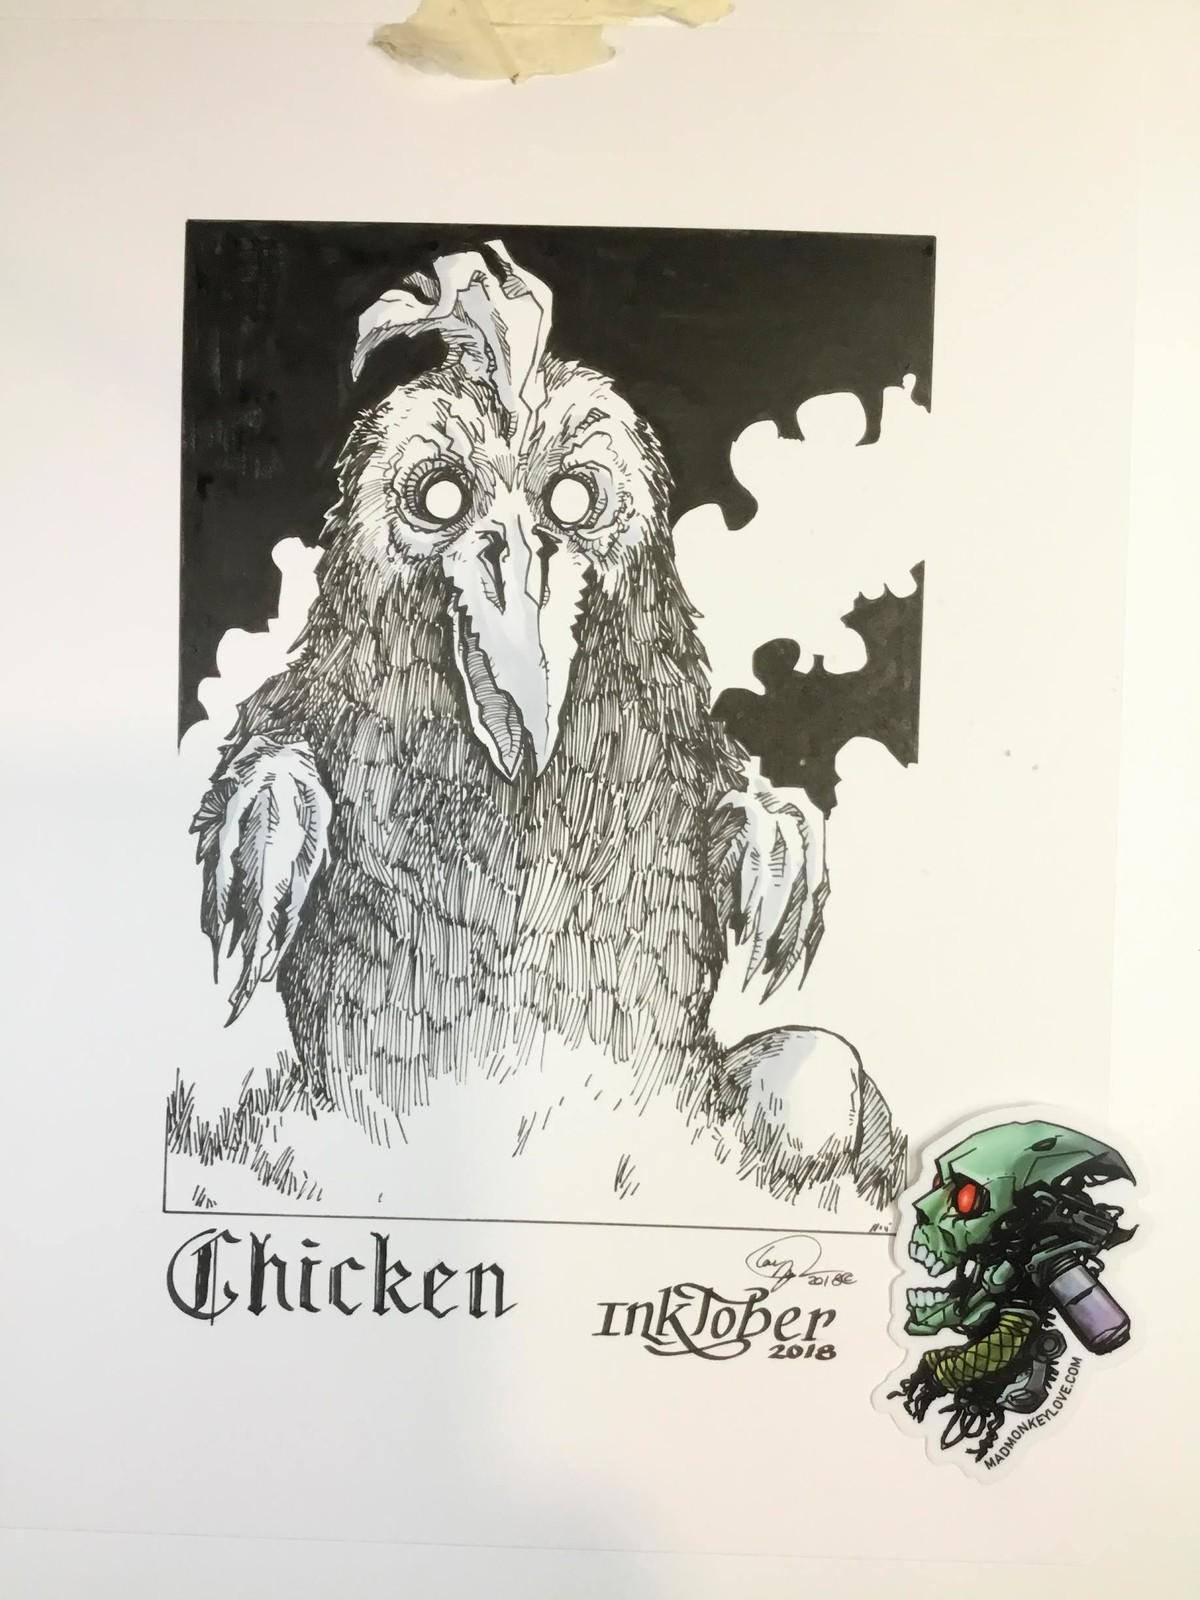 Chicken - Day 05